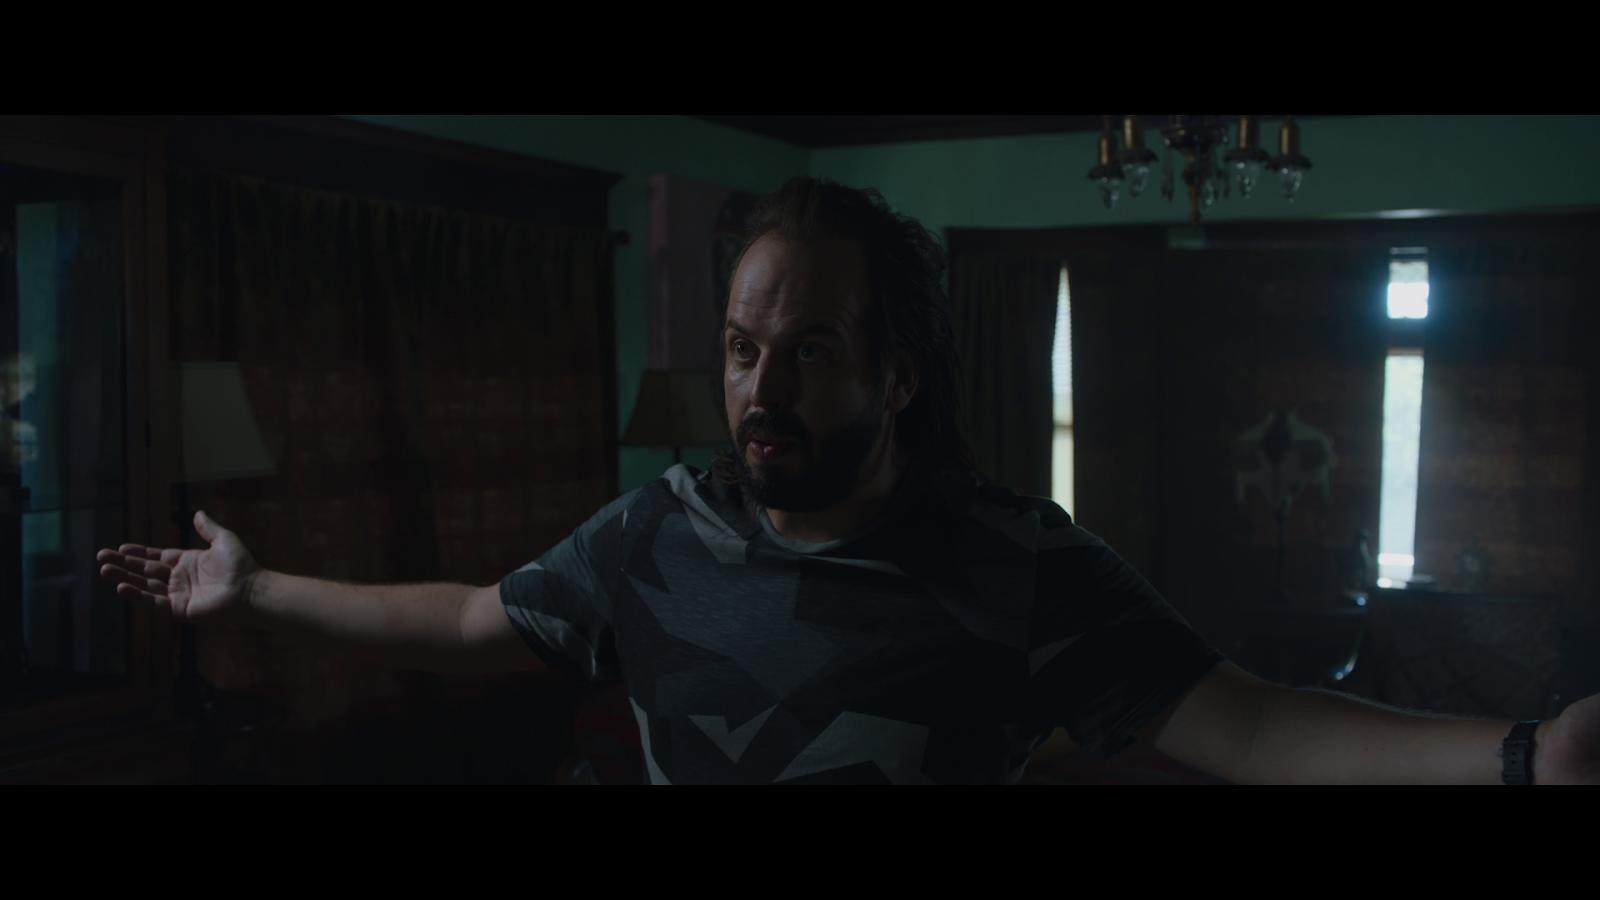 La Noche Del Demonio La Última Llave (2018) BD25 + BDRip 1080p LATINO + Ver ONLINE 4